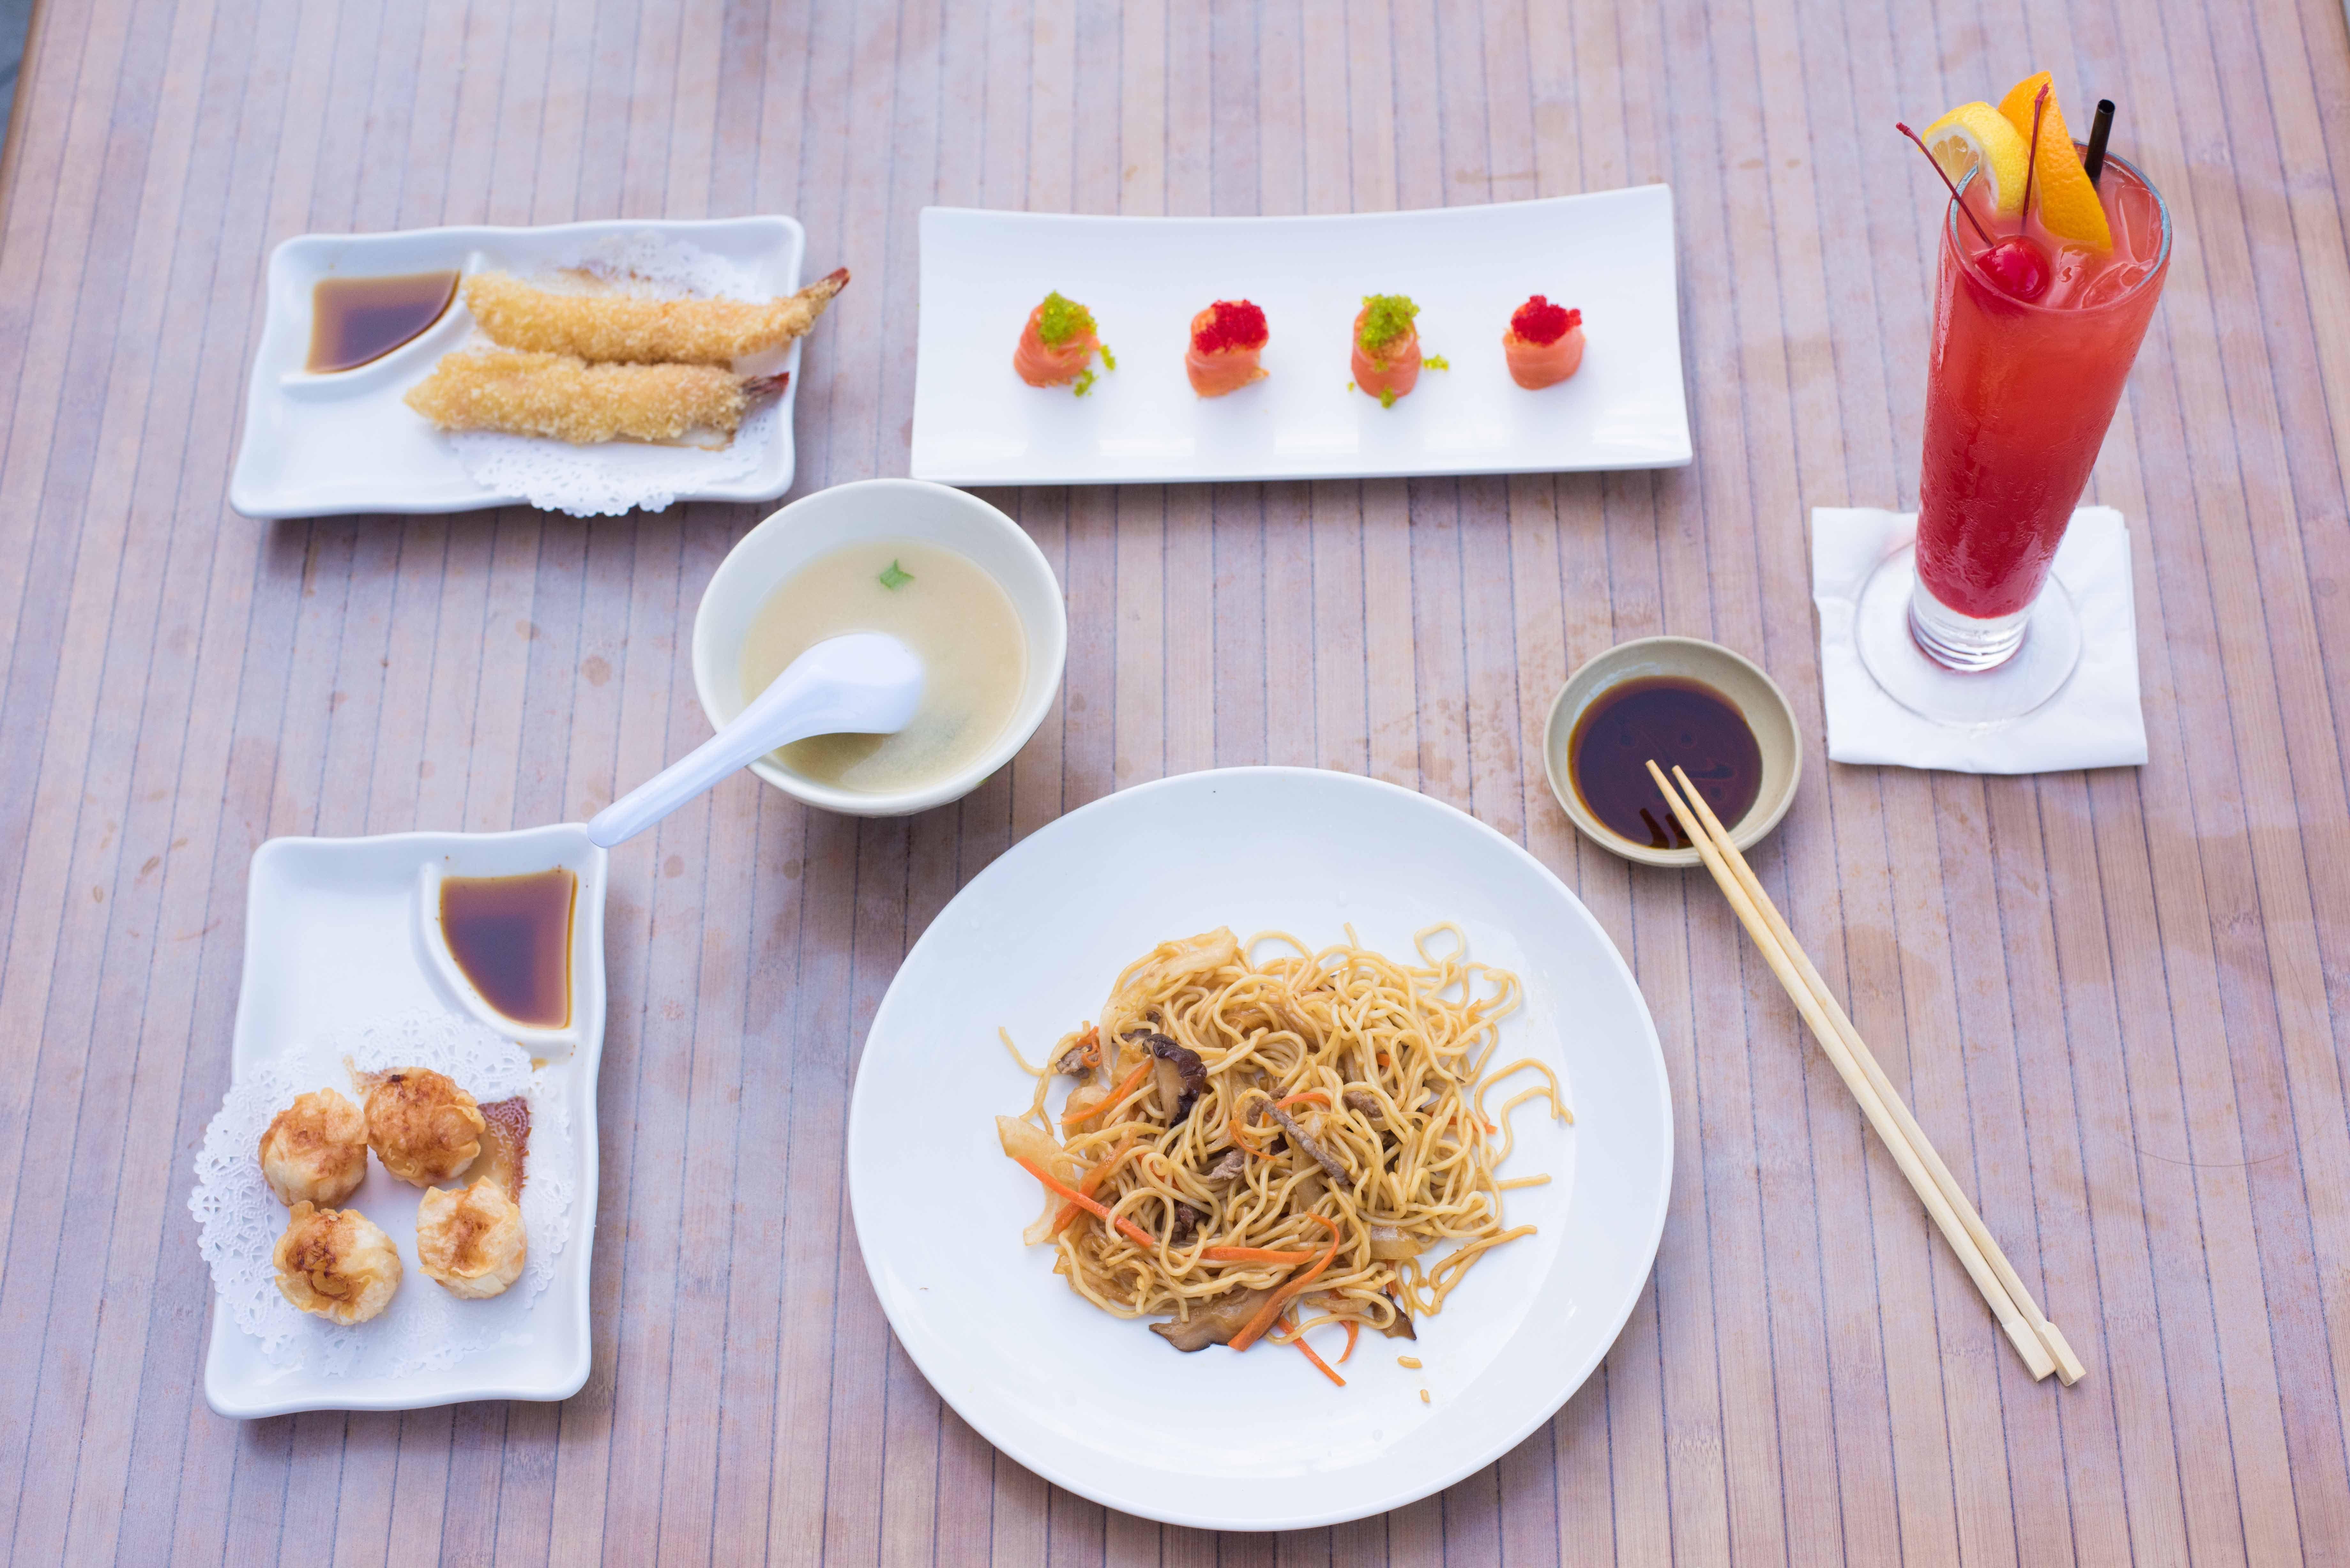 Yakisoba, shrimp shumai, salmon roll, shrimp tempura